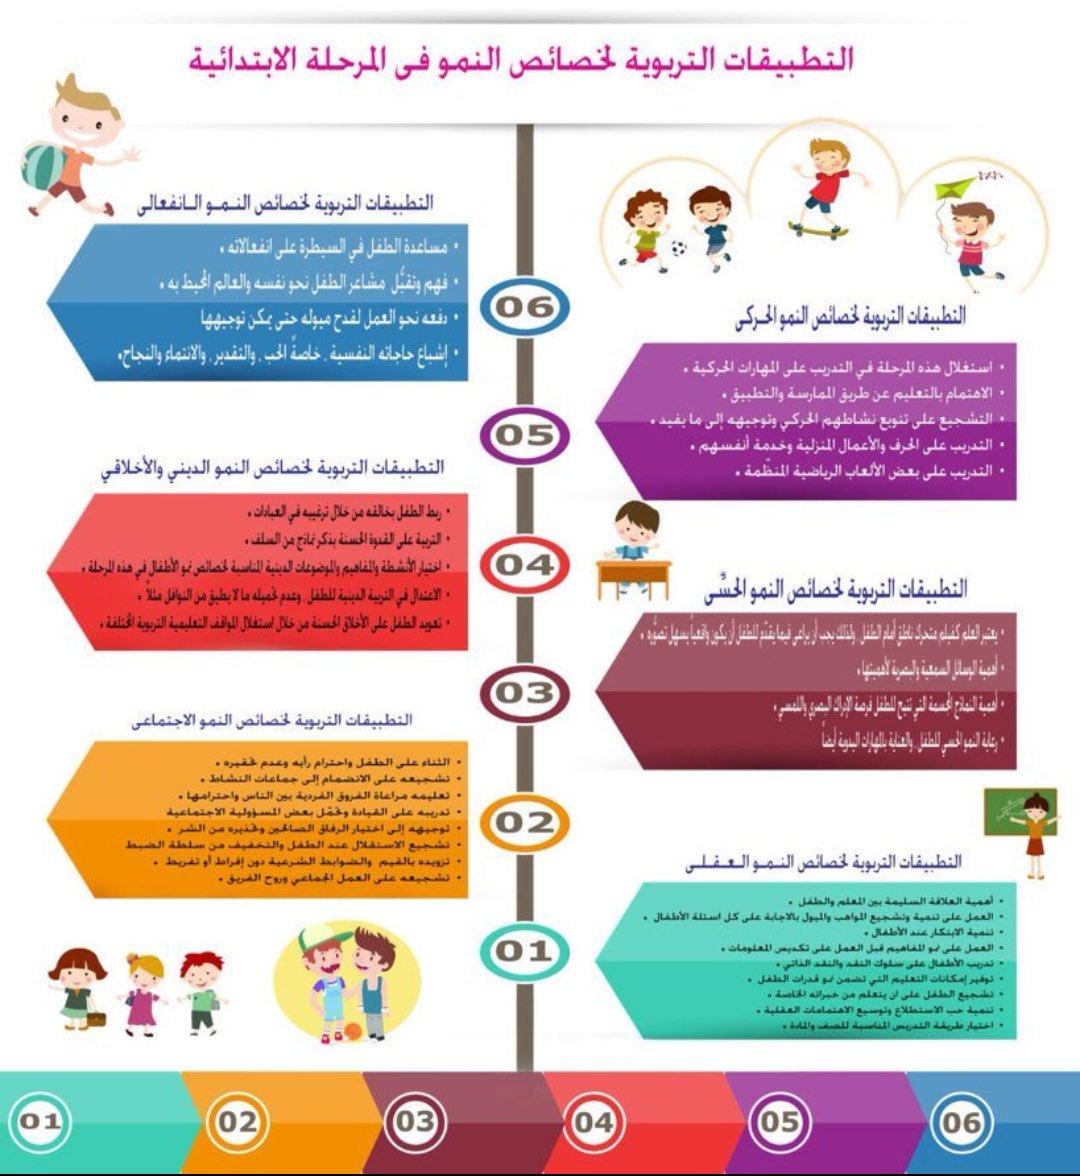 مطوية خصائص النمو للمرحلة الابتدائية